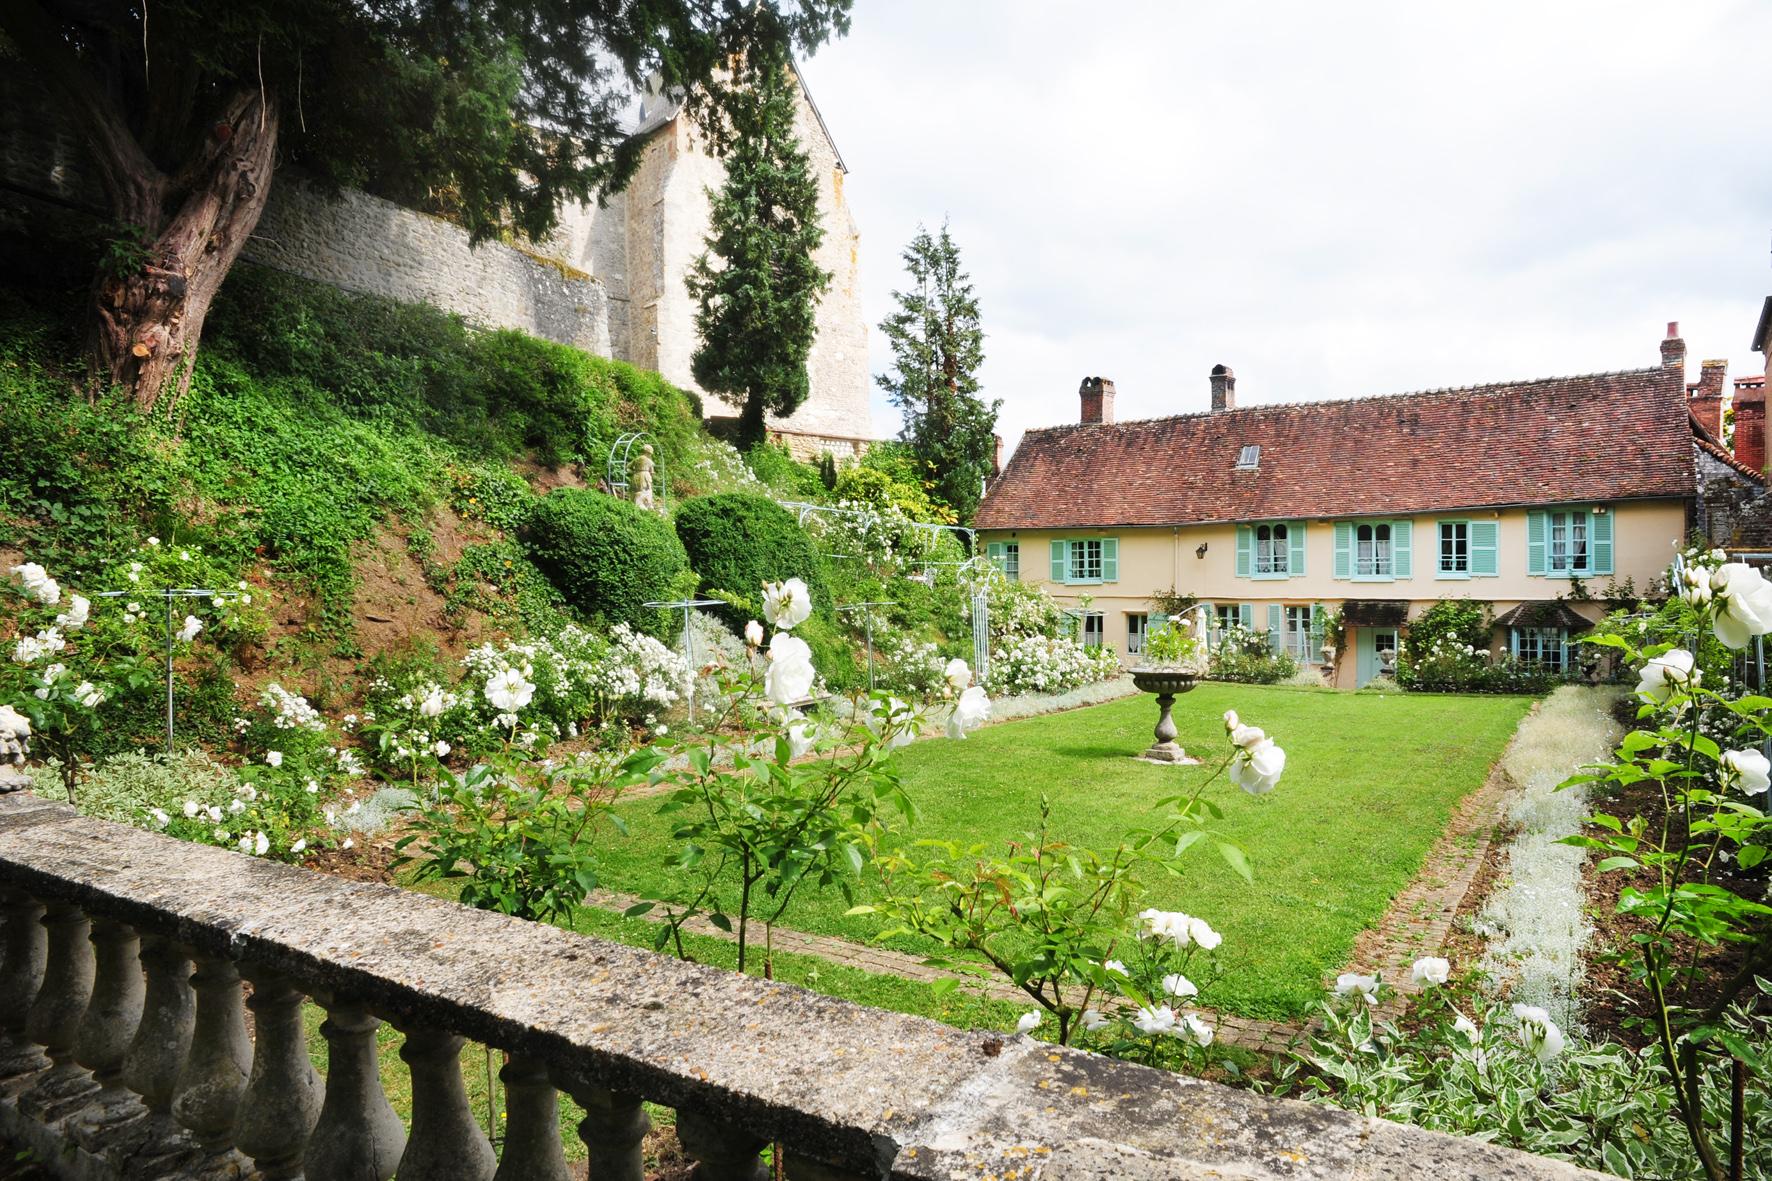 Maison d'Henri Le Sidaner, crédit photo : Dominique Le Sidaner